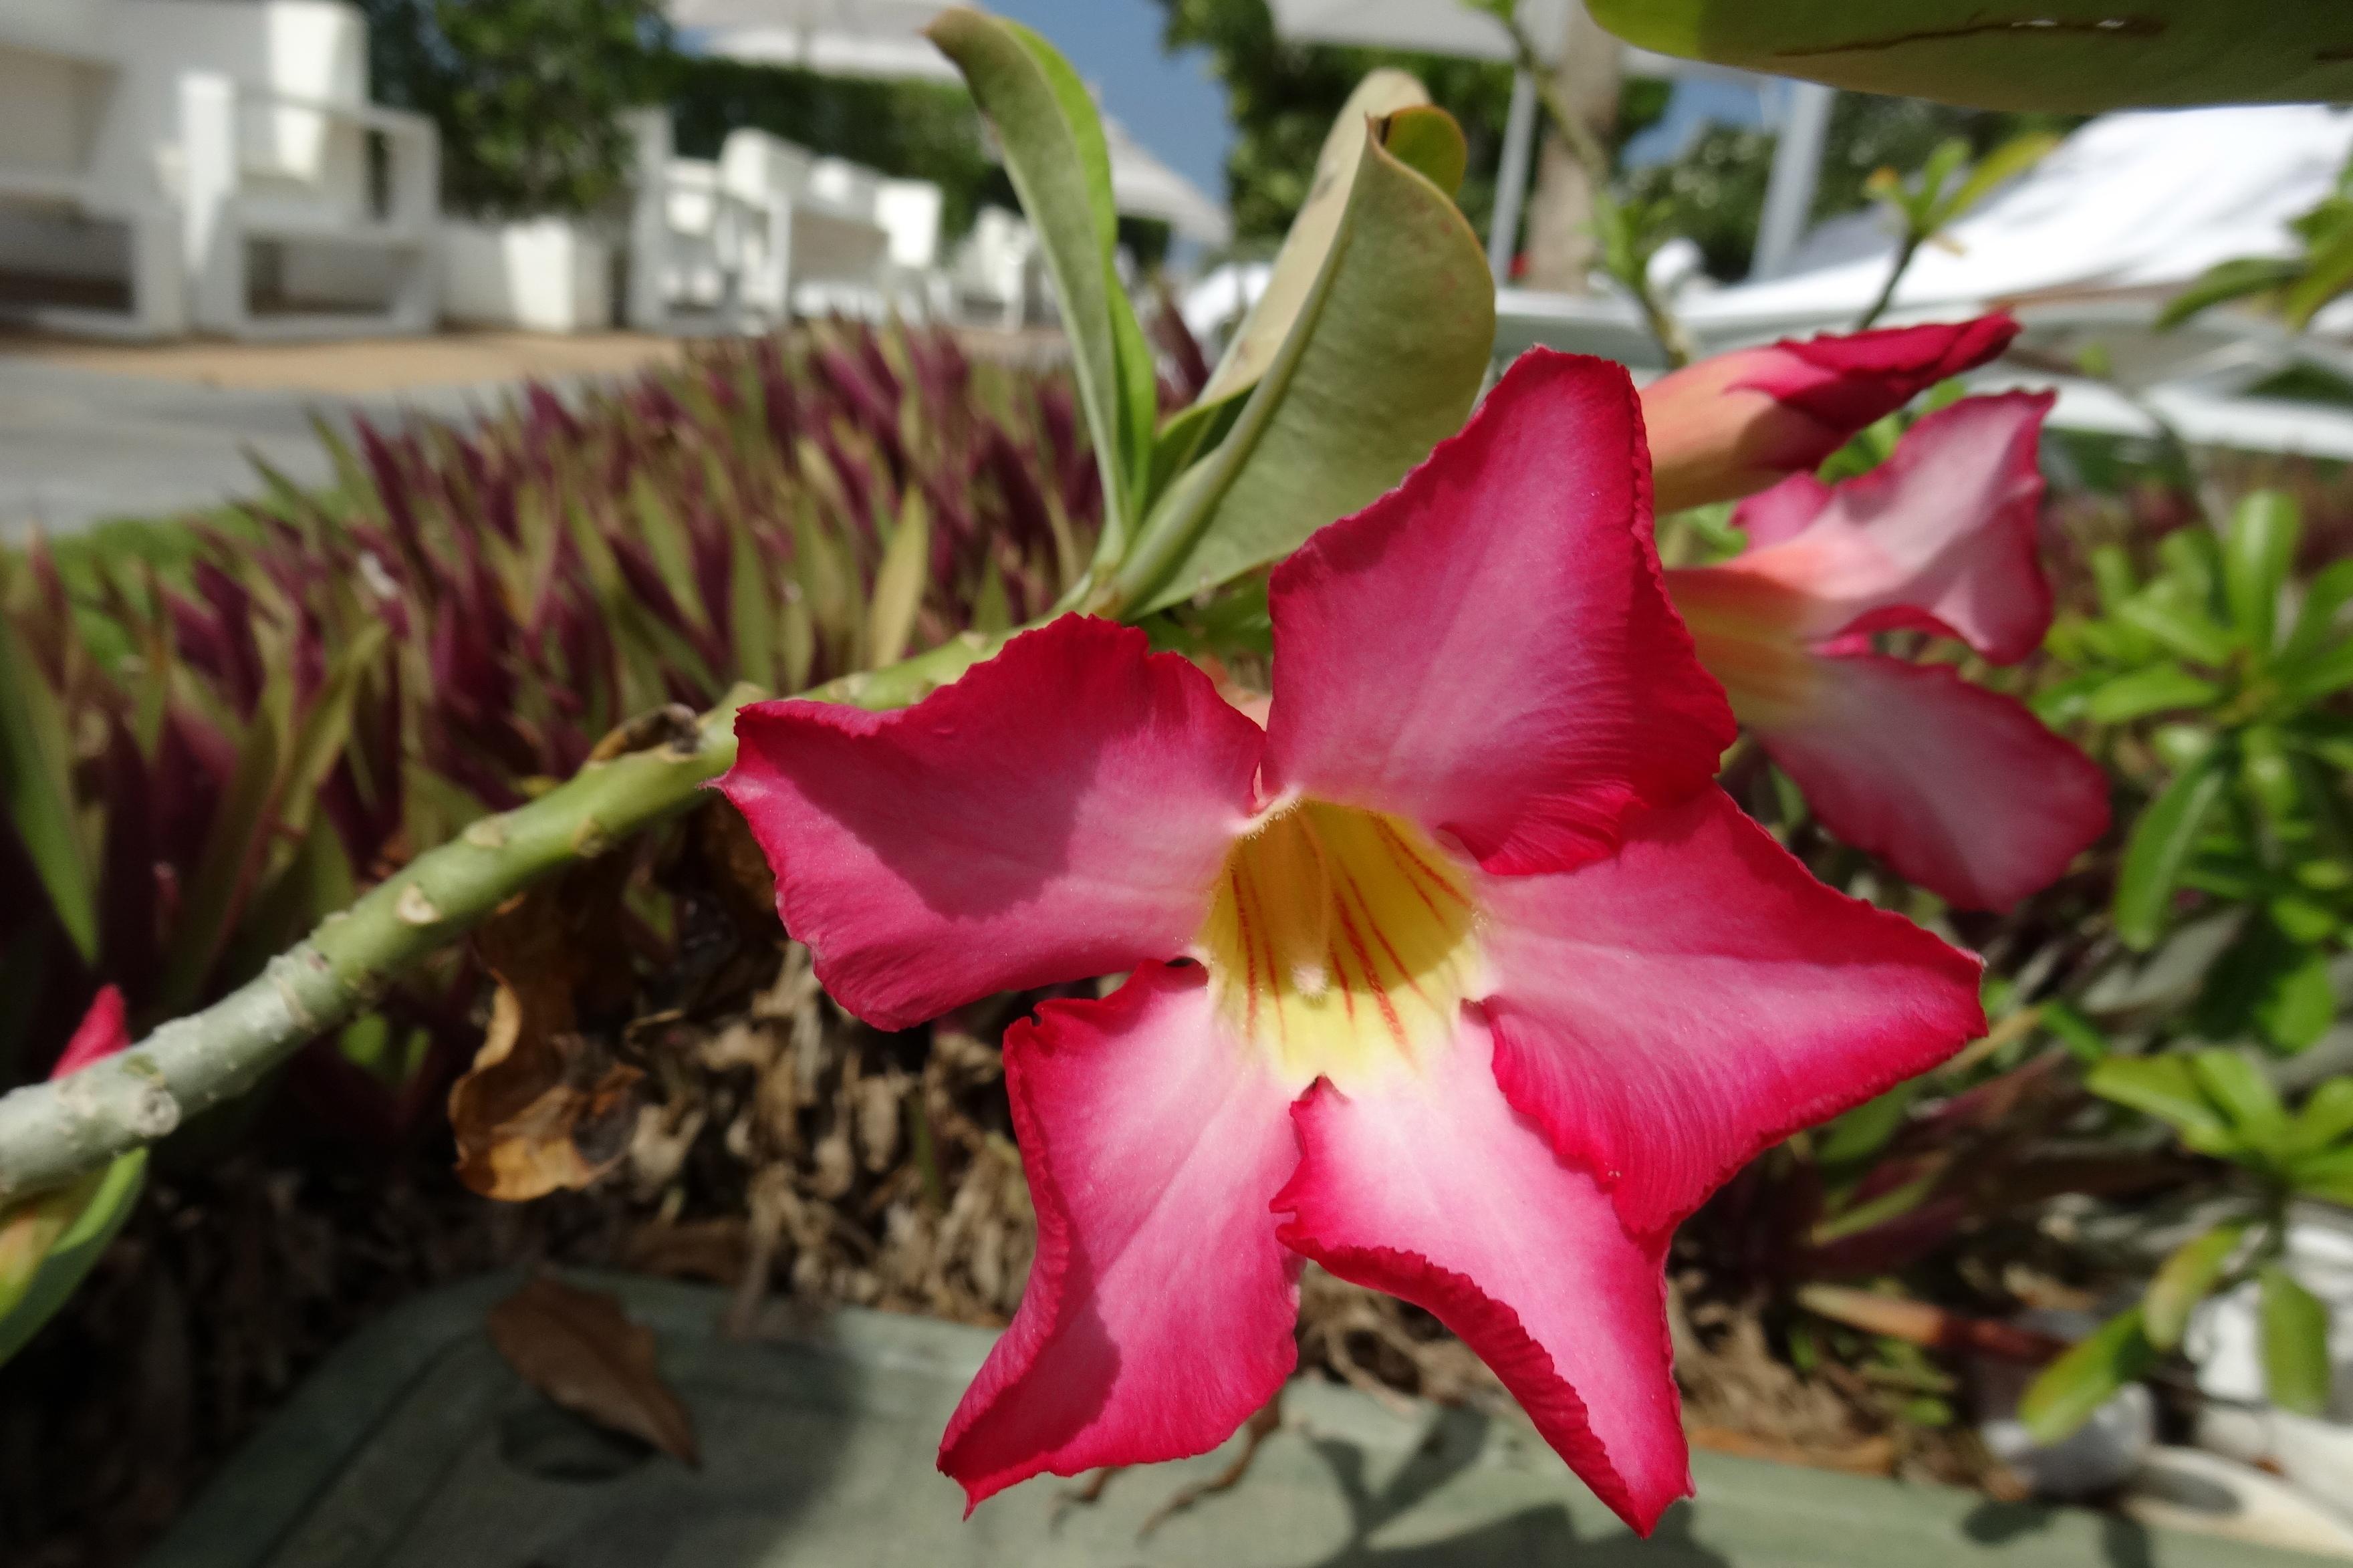 flowers in the garden / Blumen im Garten